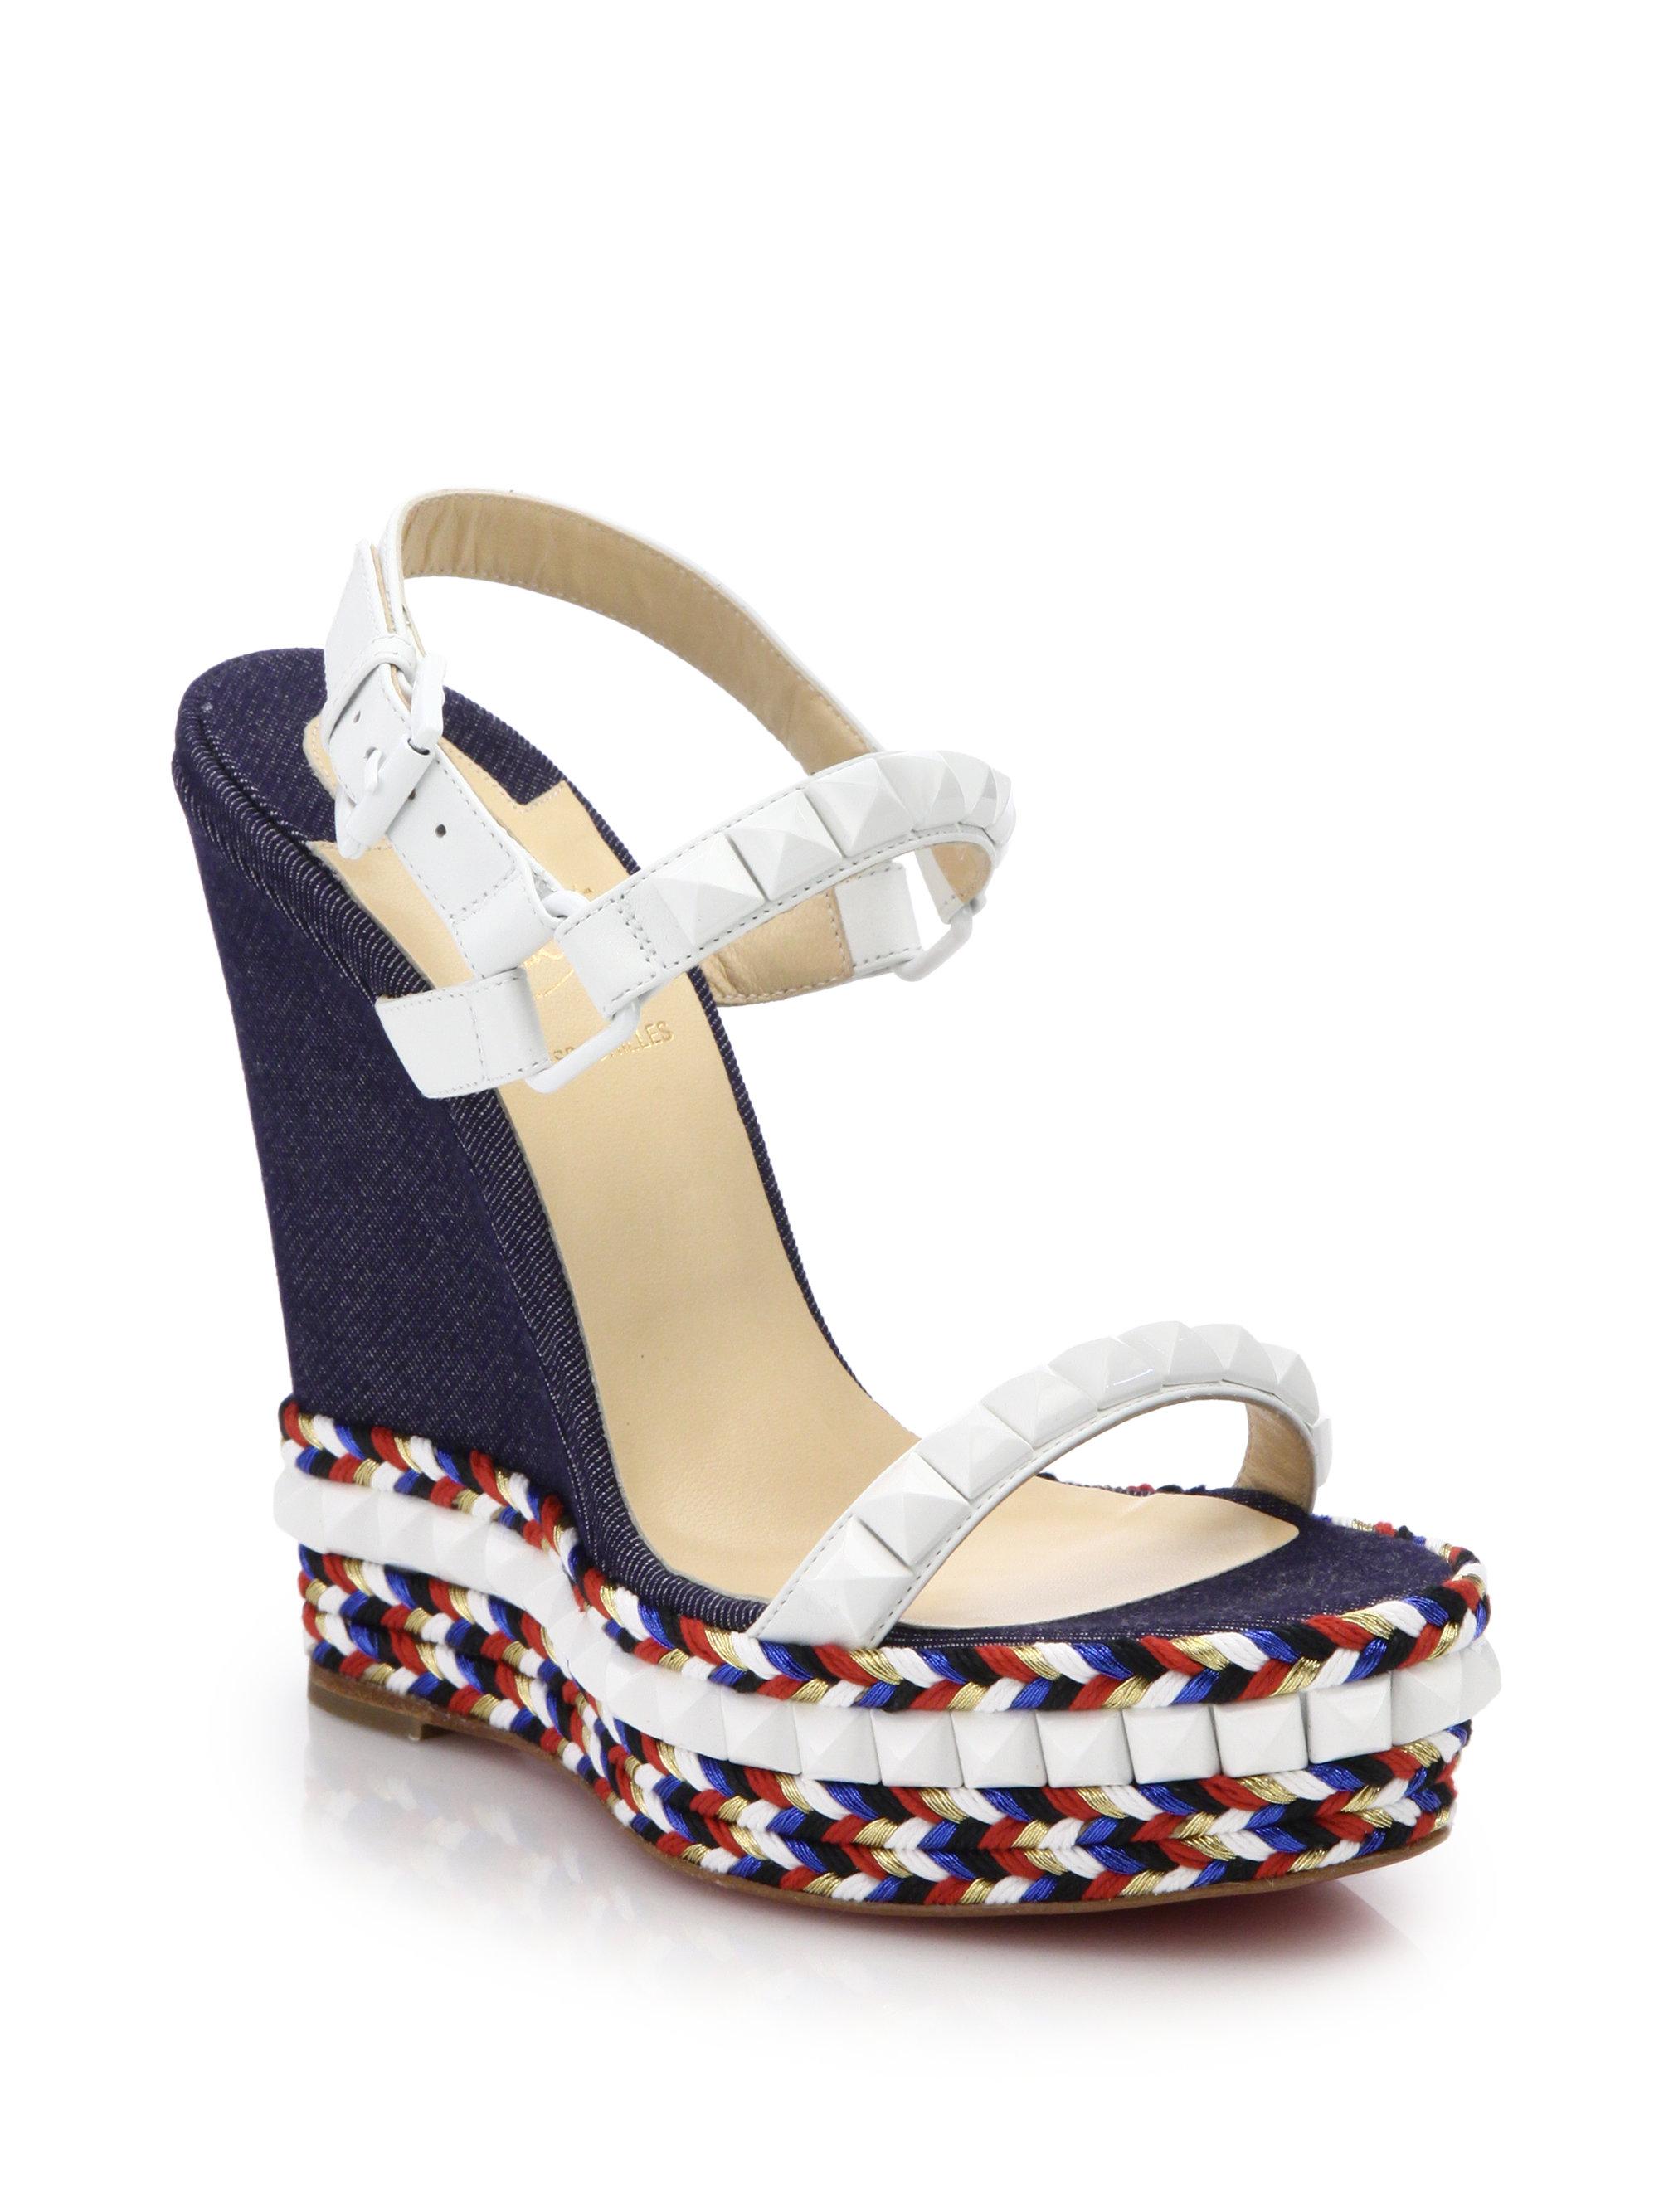 christian louboutin slingback sandals Dark blue denim | The Little ...